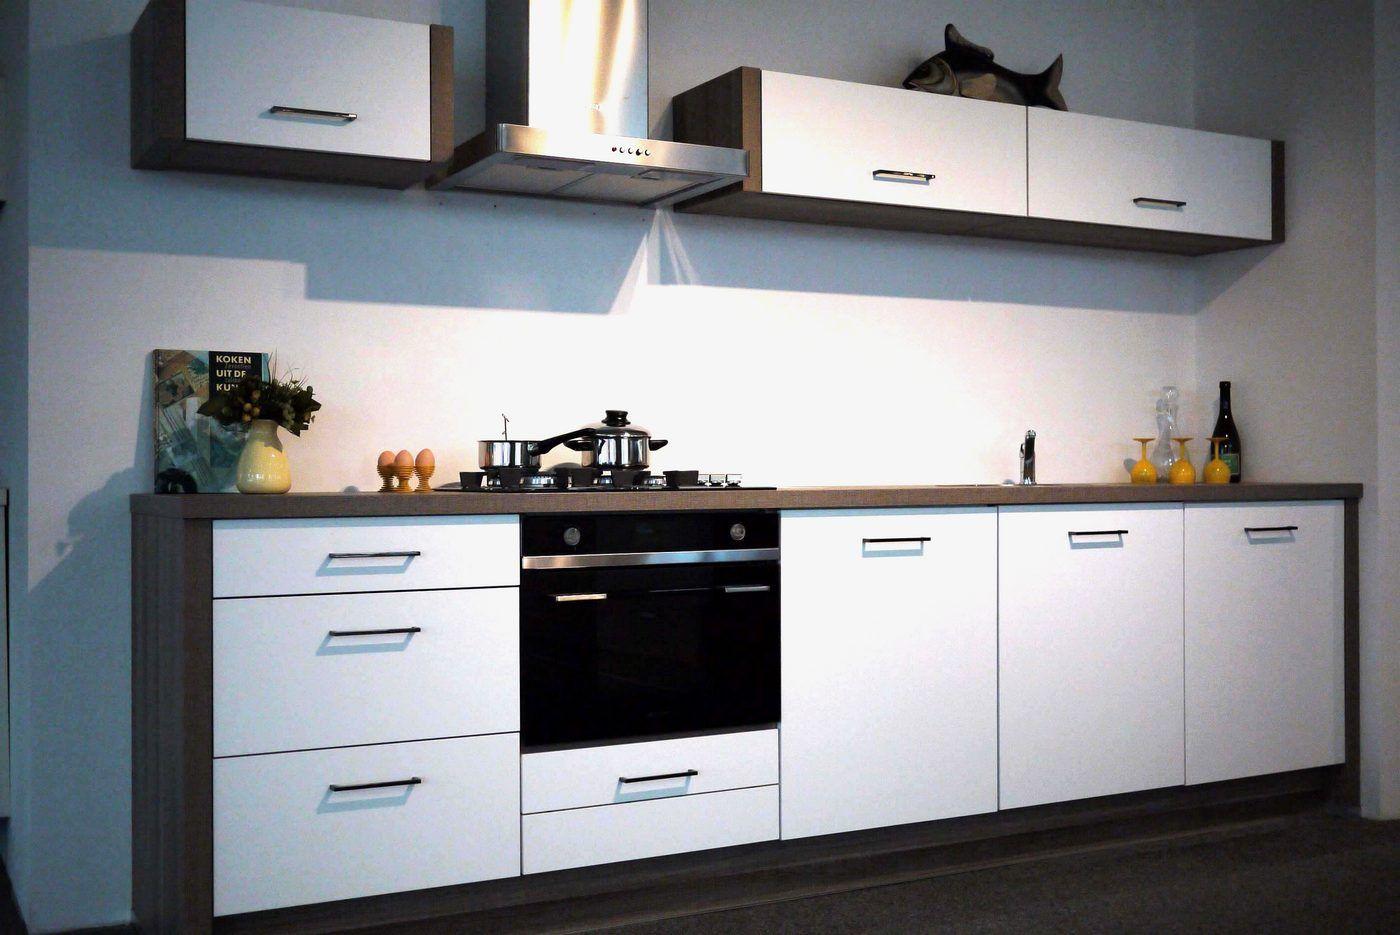 Keuken meter rechte keuken meter great moderne witte rechte